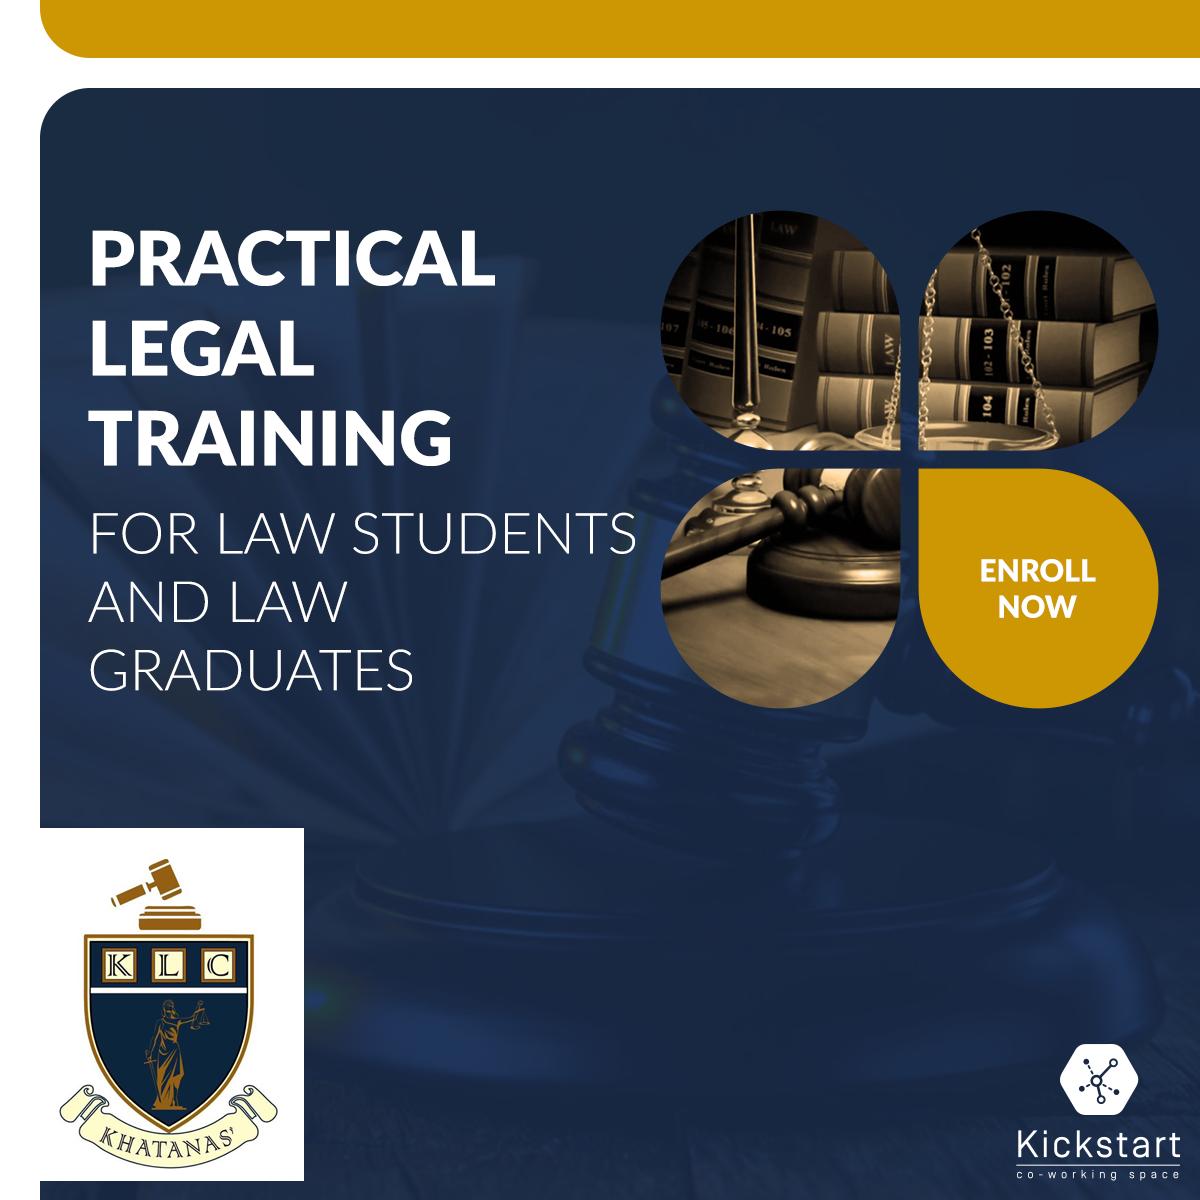 Legal Training Ad - Facebook Post Design